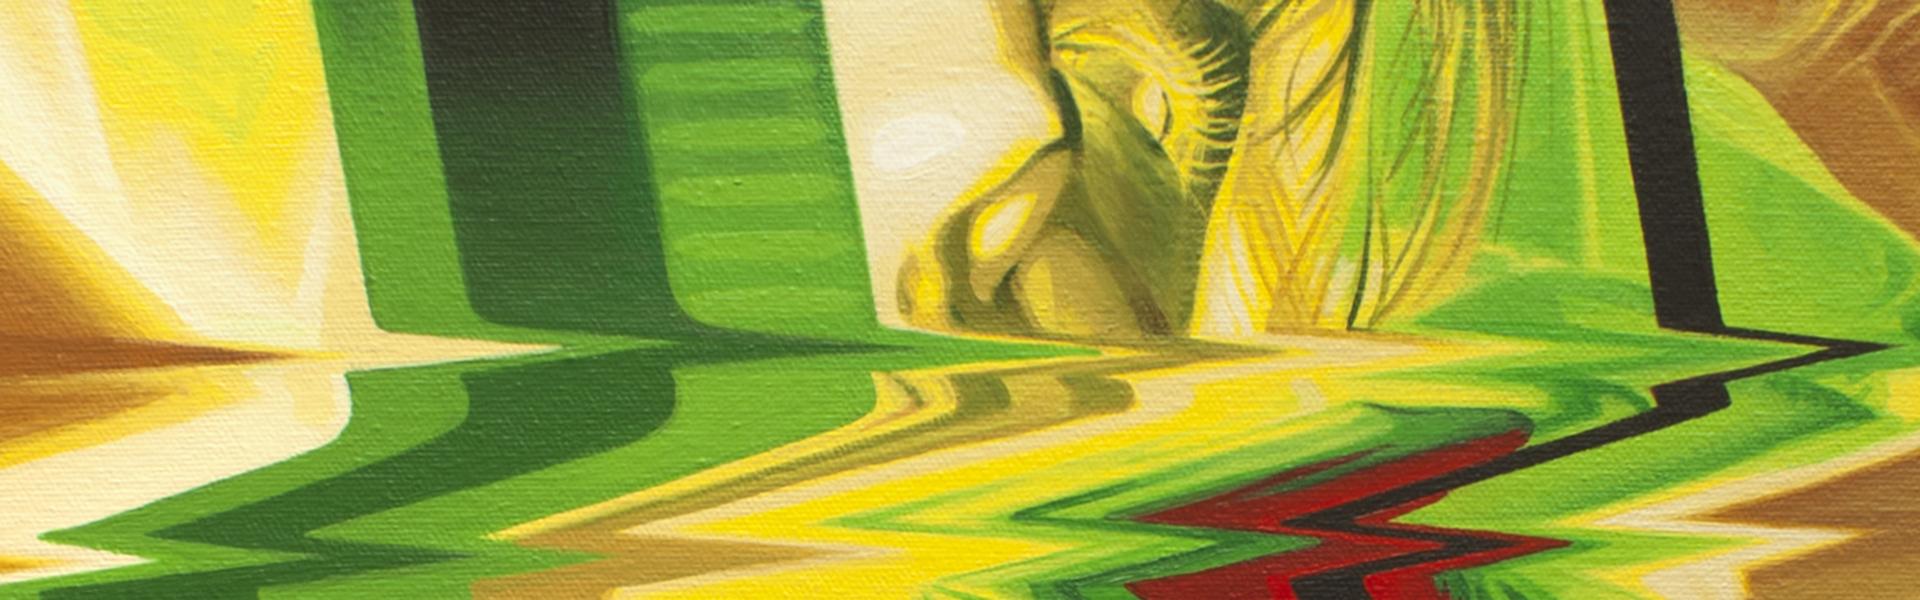 banner_TOAF-banner-1920x600.20210509181558.jpg